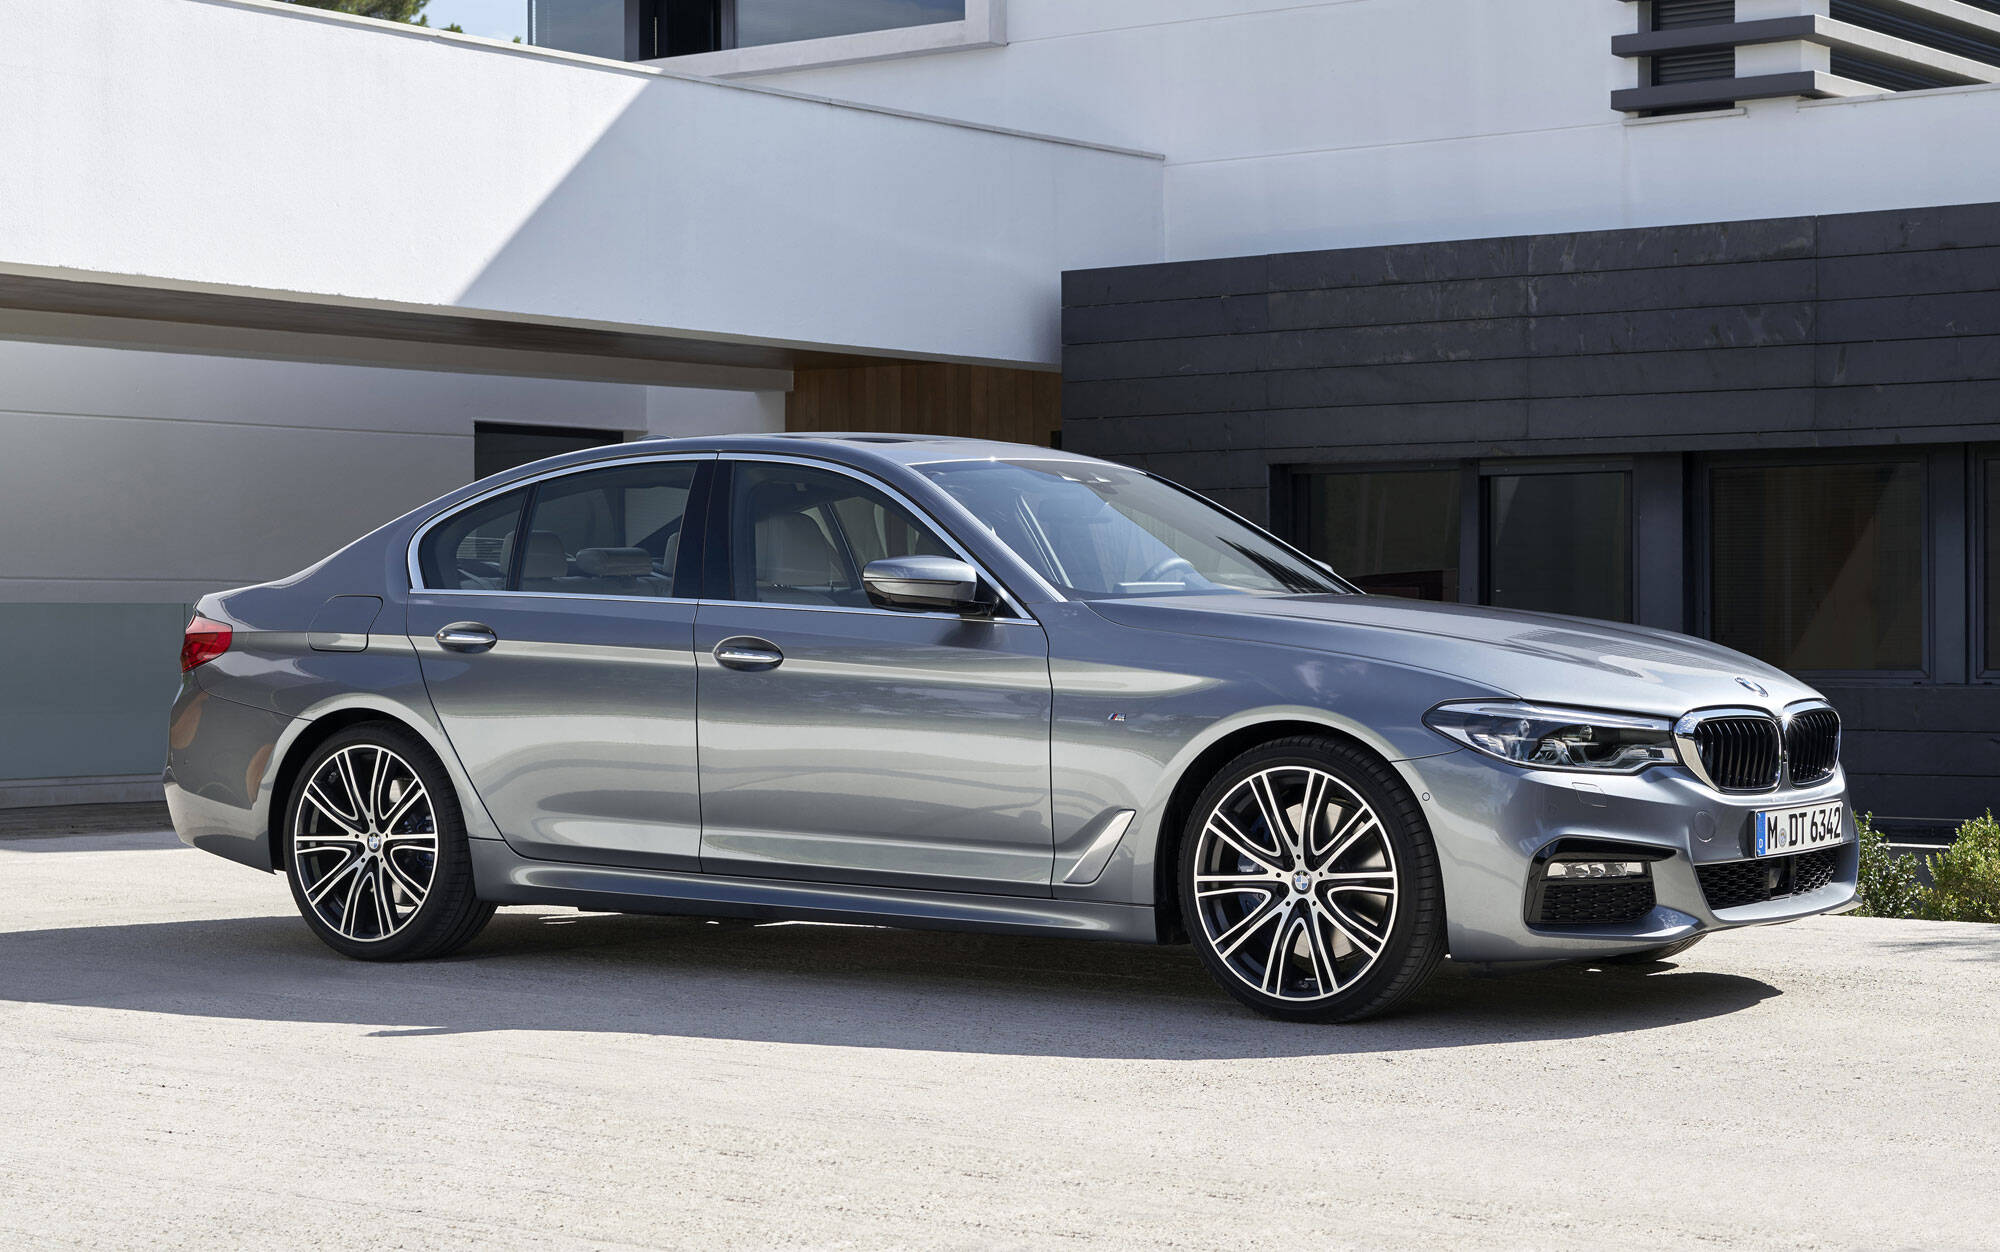 BMW Série 5. Foto: Divulgação/BMW